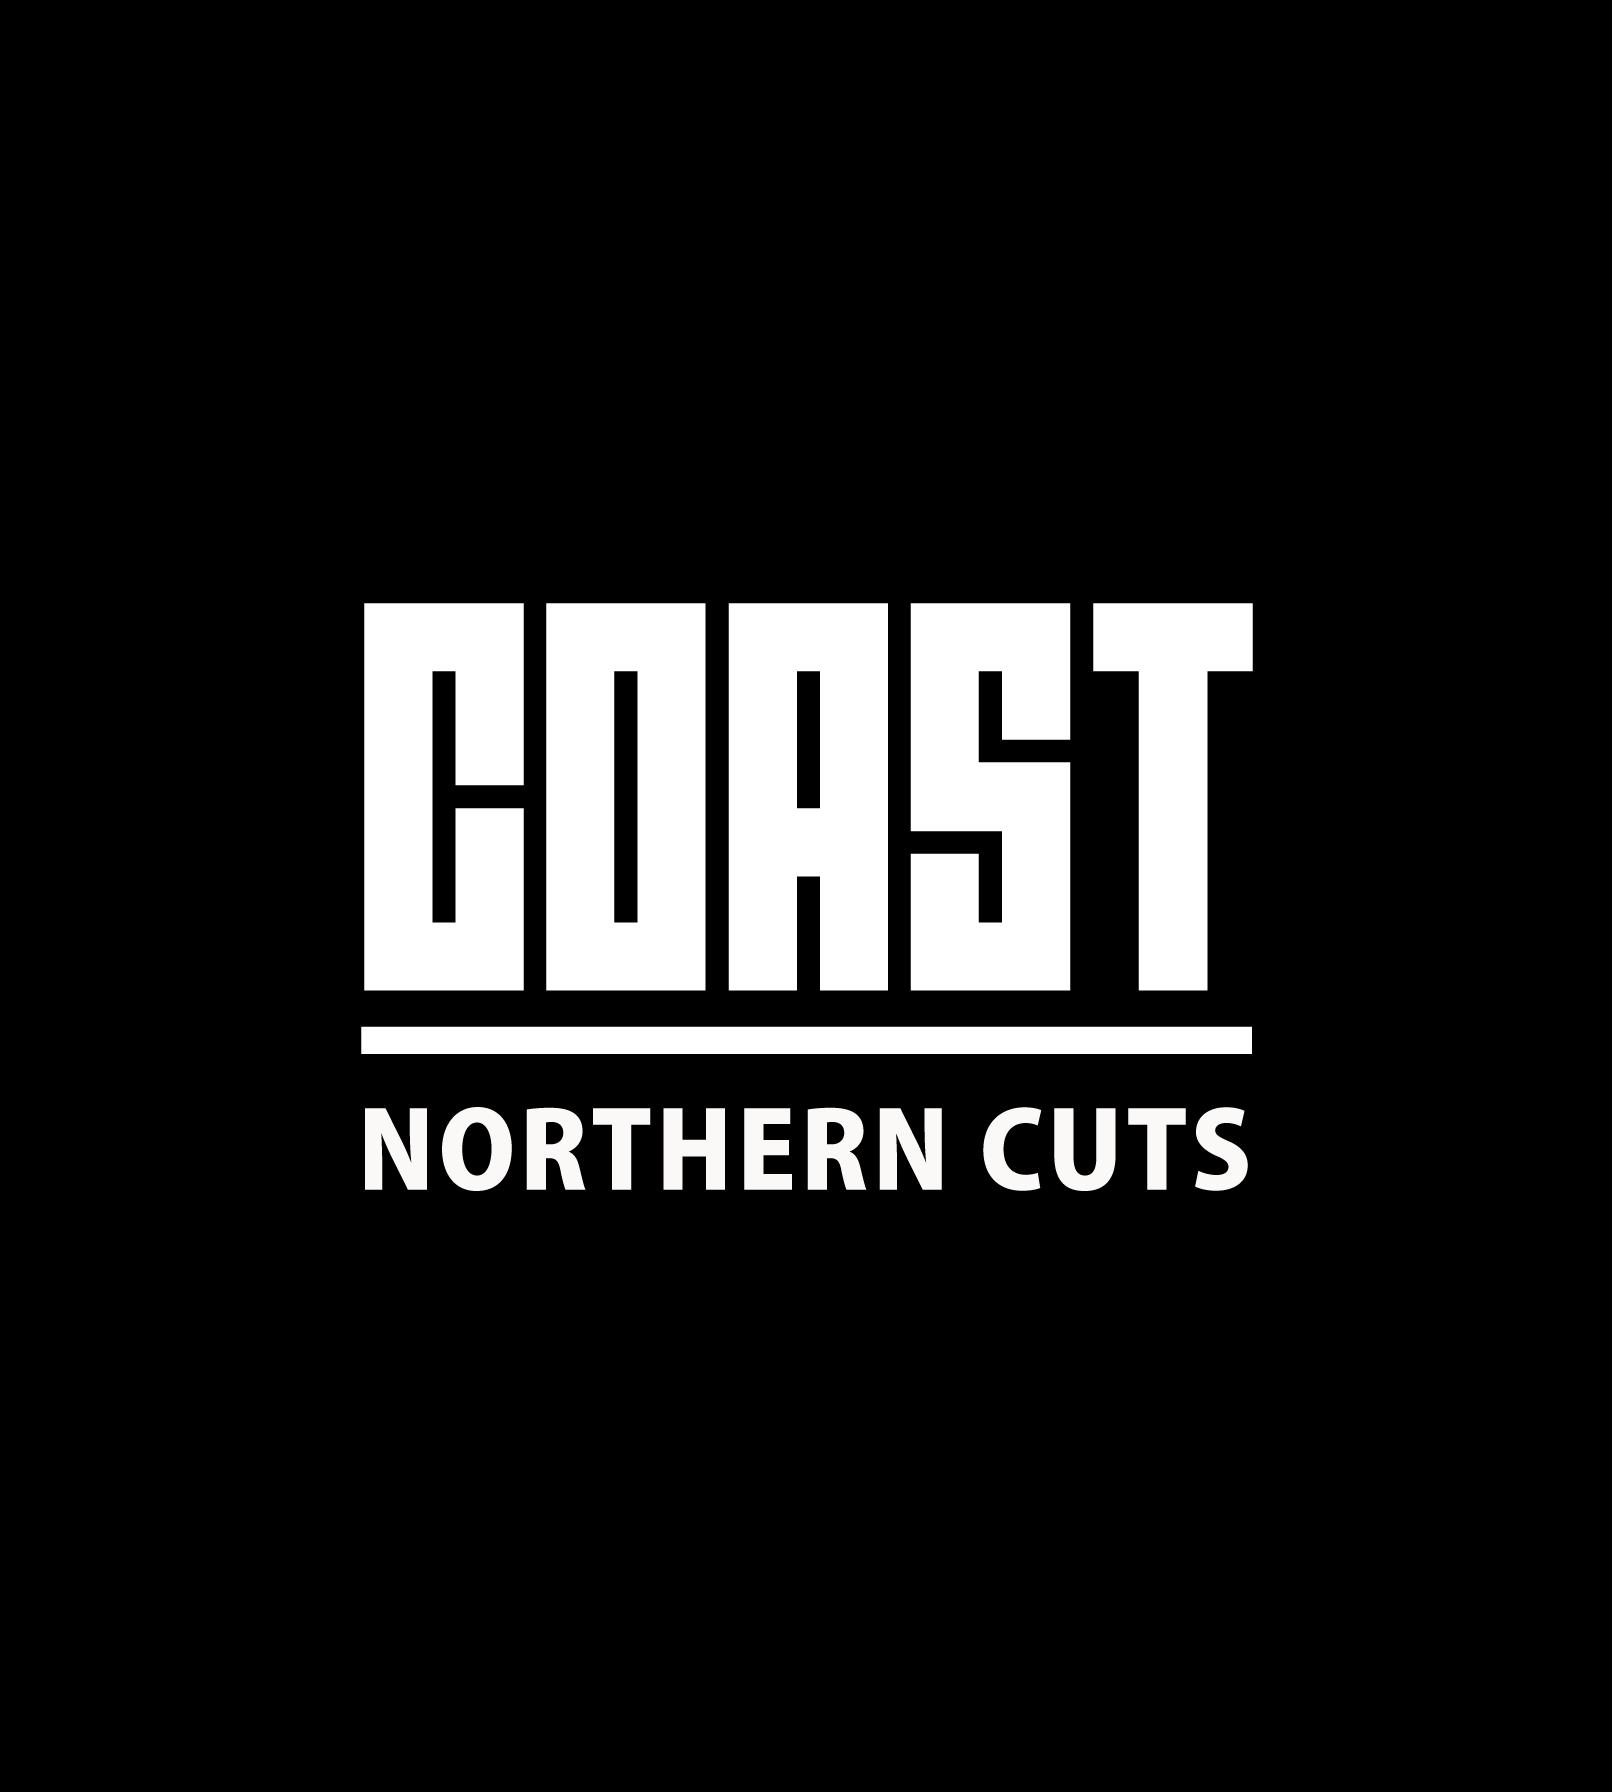 Coastline Northern Cuts